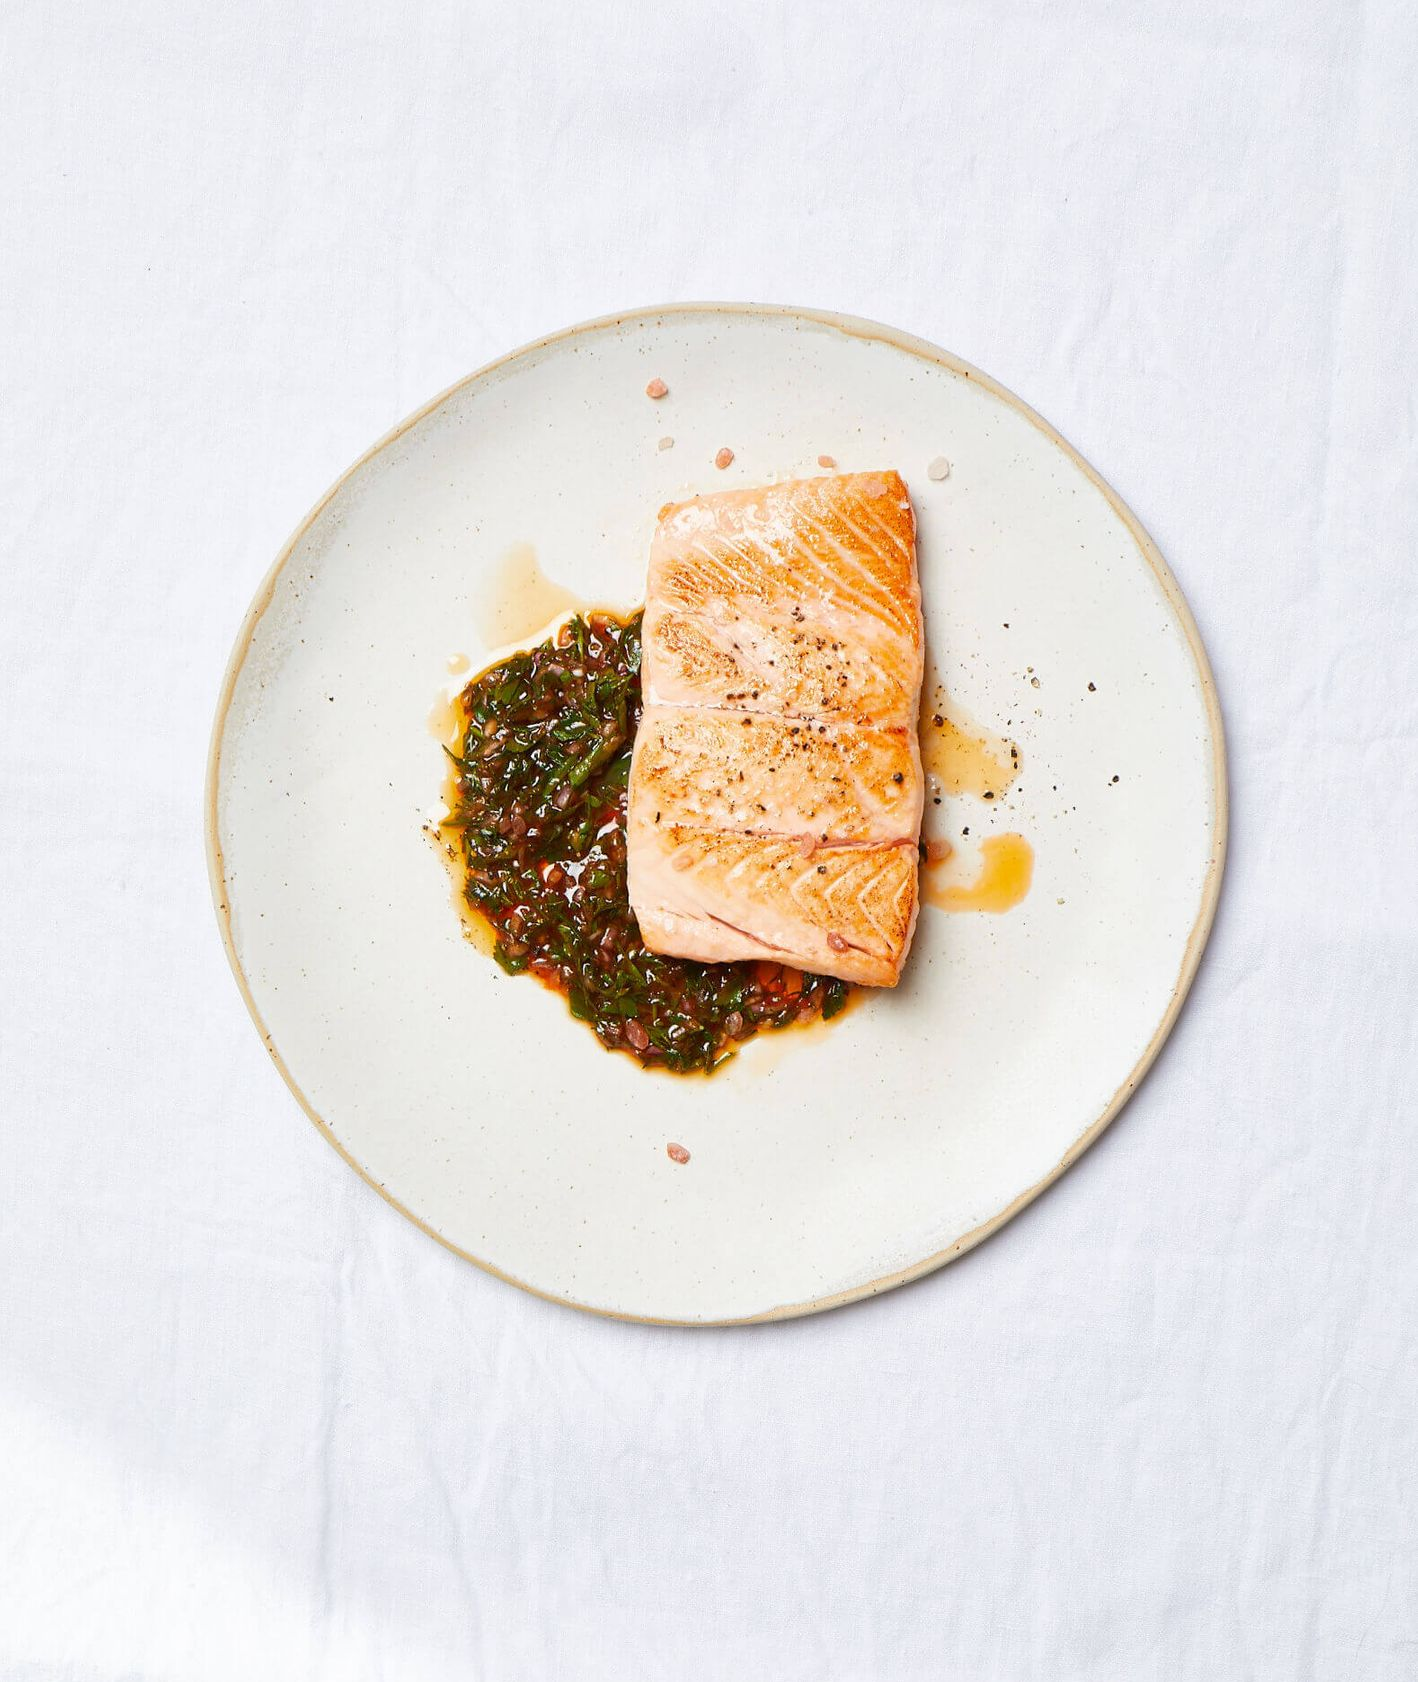 łosoś smażony, filet z łososia, łosoś z sosem, szybki obiad, prosty obiad, jak przygotować łososia, co do łososia, dodatki od ryby